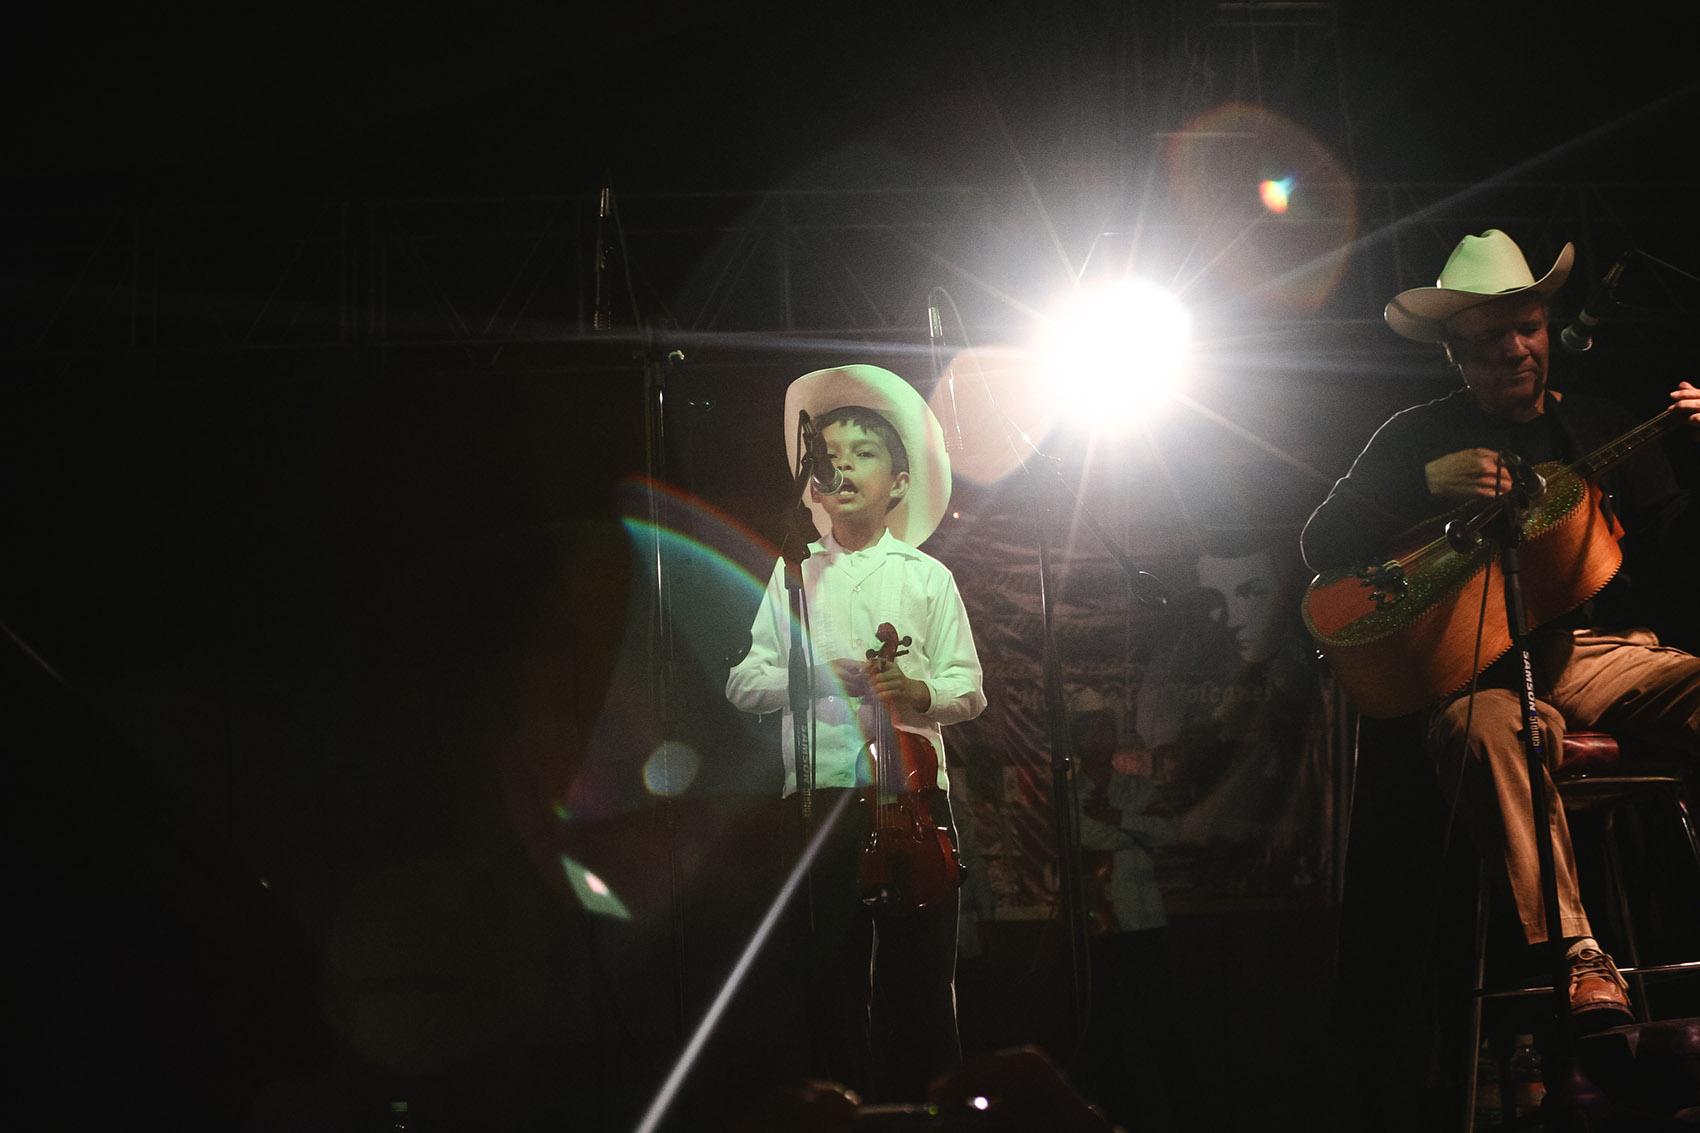 1er Festival Cultural Internacional Musa de Los Volcanes por Ockesaid a.k.a Joel Lugo